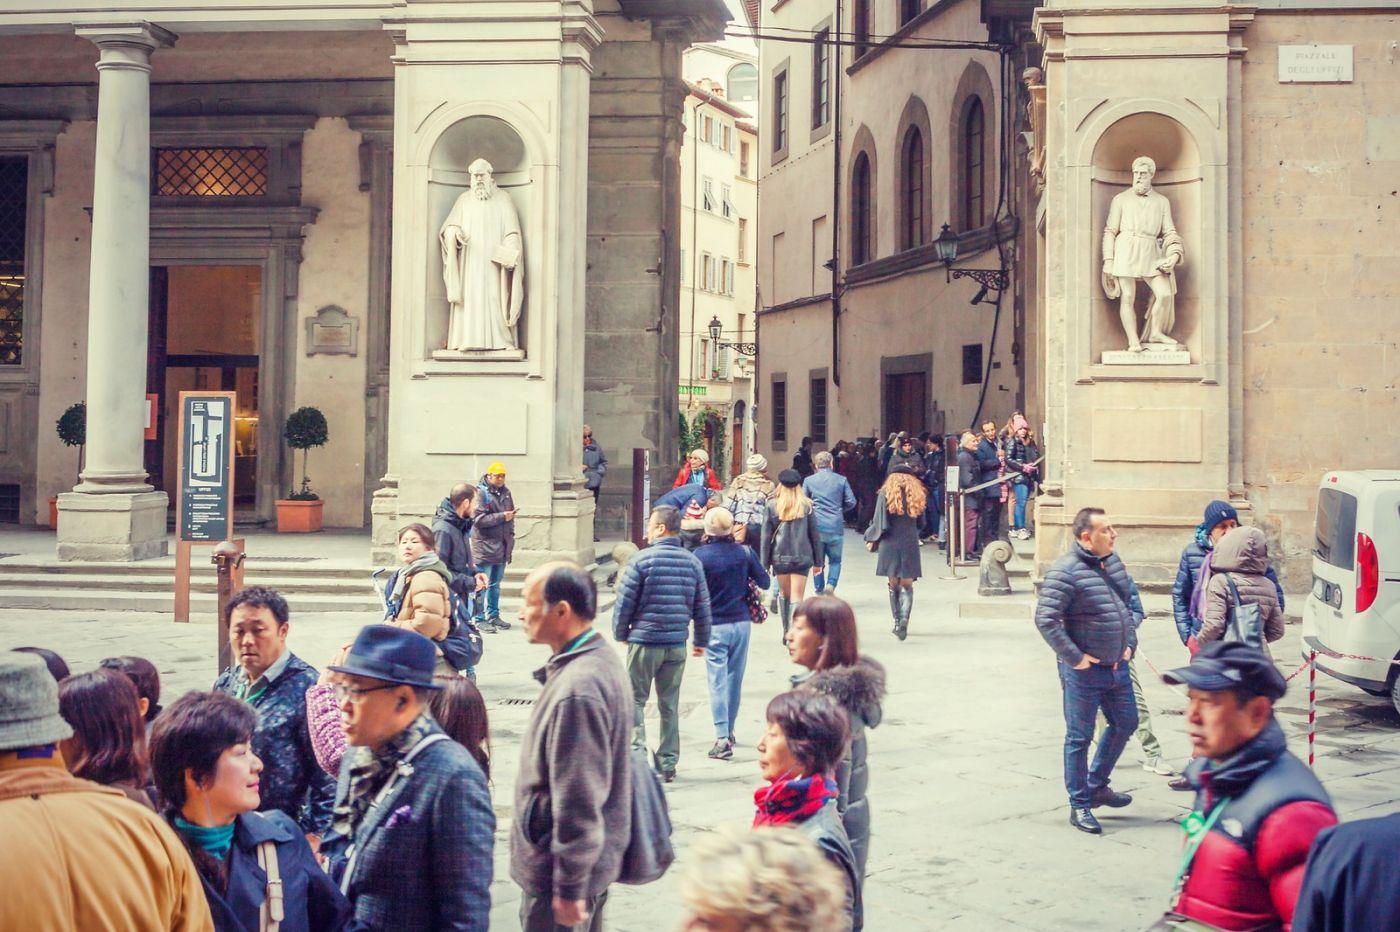 意大利佛罗伦斯乌菲兹美术馆, 进去看一看_图1-26